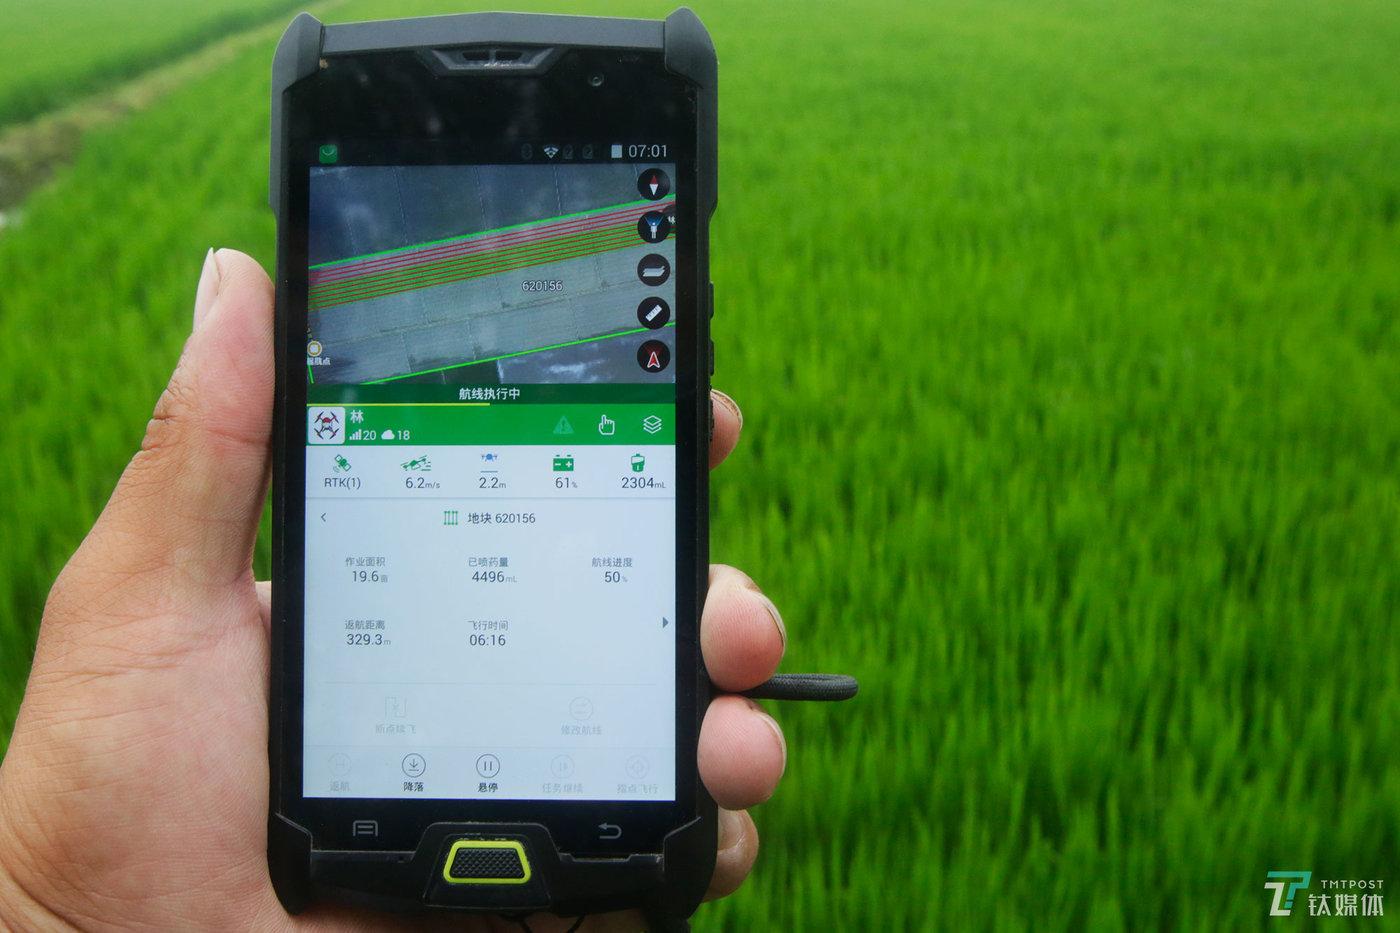 """飞机的操控终端跟手机类似,只有通过极飞学院学习的用户才可以获得权限来操控自己的飞机。终端界面上,飞机飞行高度、速度、电量、距离、作业面积、精确到毫升的药量等数据一目了然,""""飞机可以通过终端自动规划航线,只要会用智能手机的人都能学会操作这架飞机""""。"""